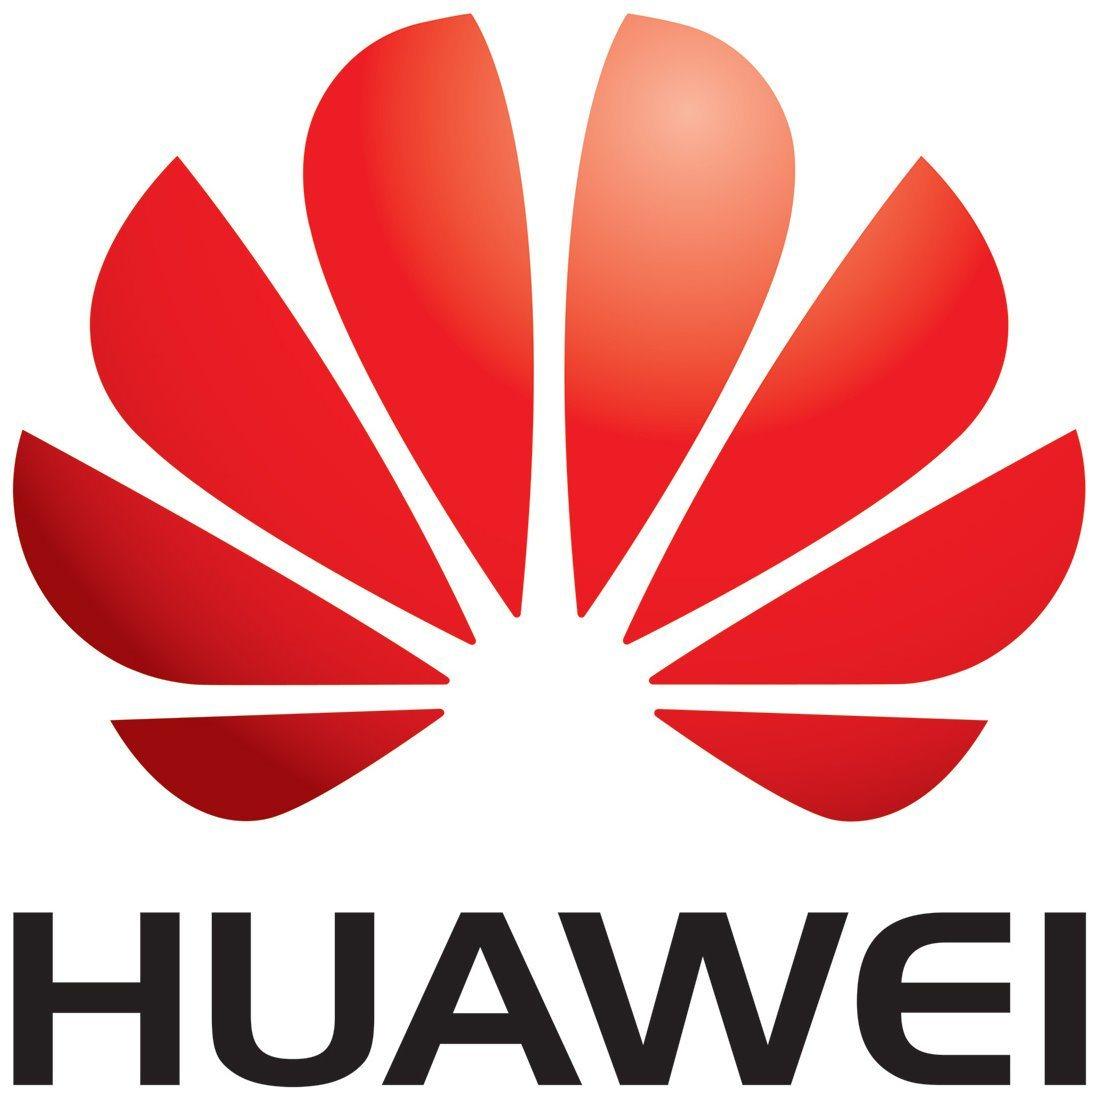 Huawei logo wallpapers HD